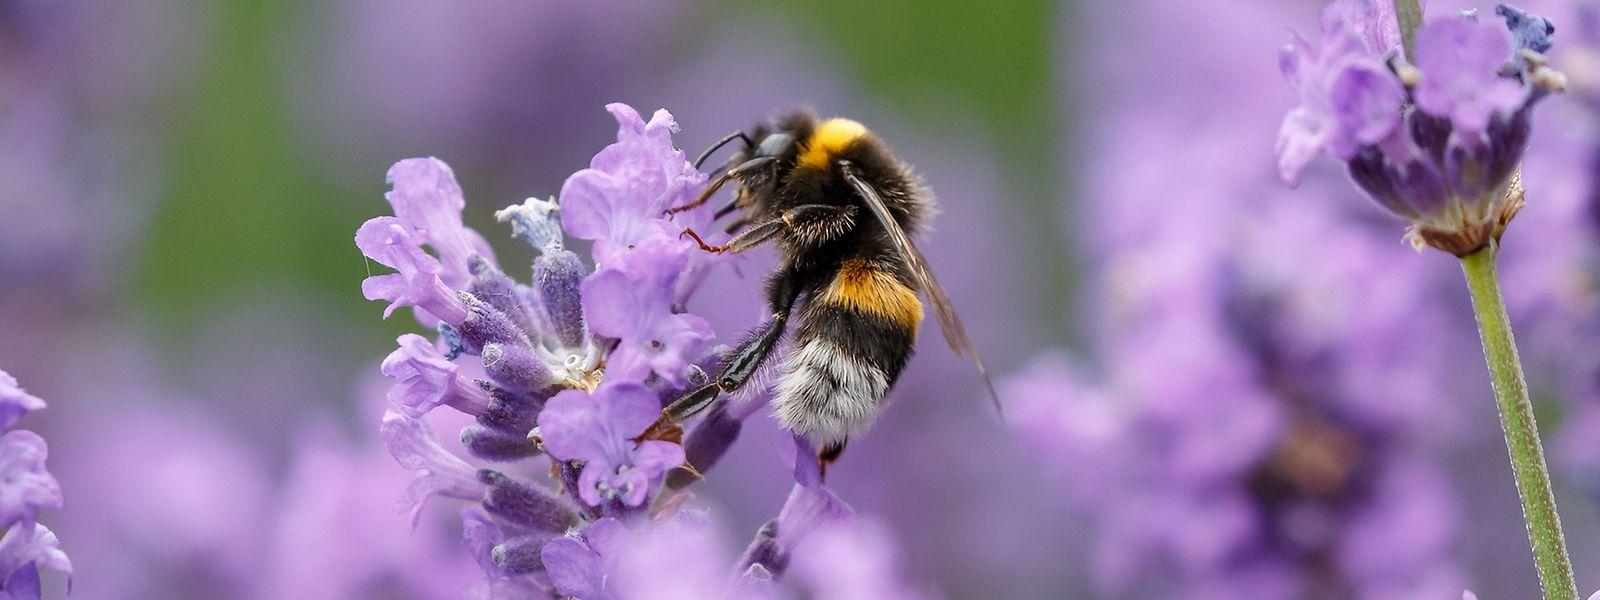 Hummeln und Bienen sammeln auch Pollen von Zierpflanzen.